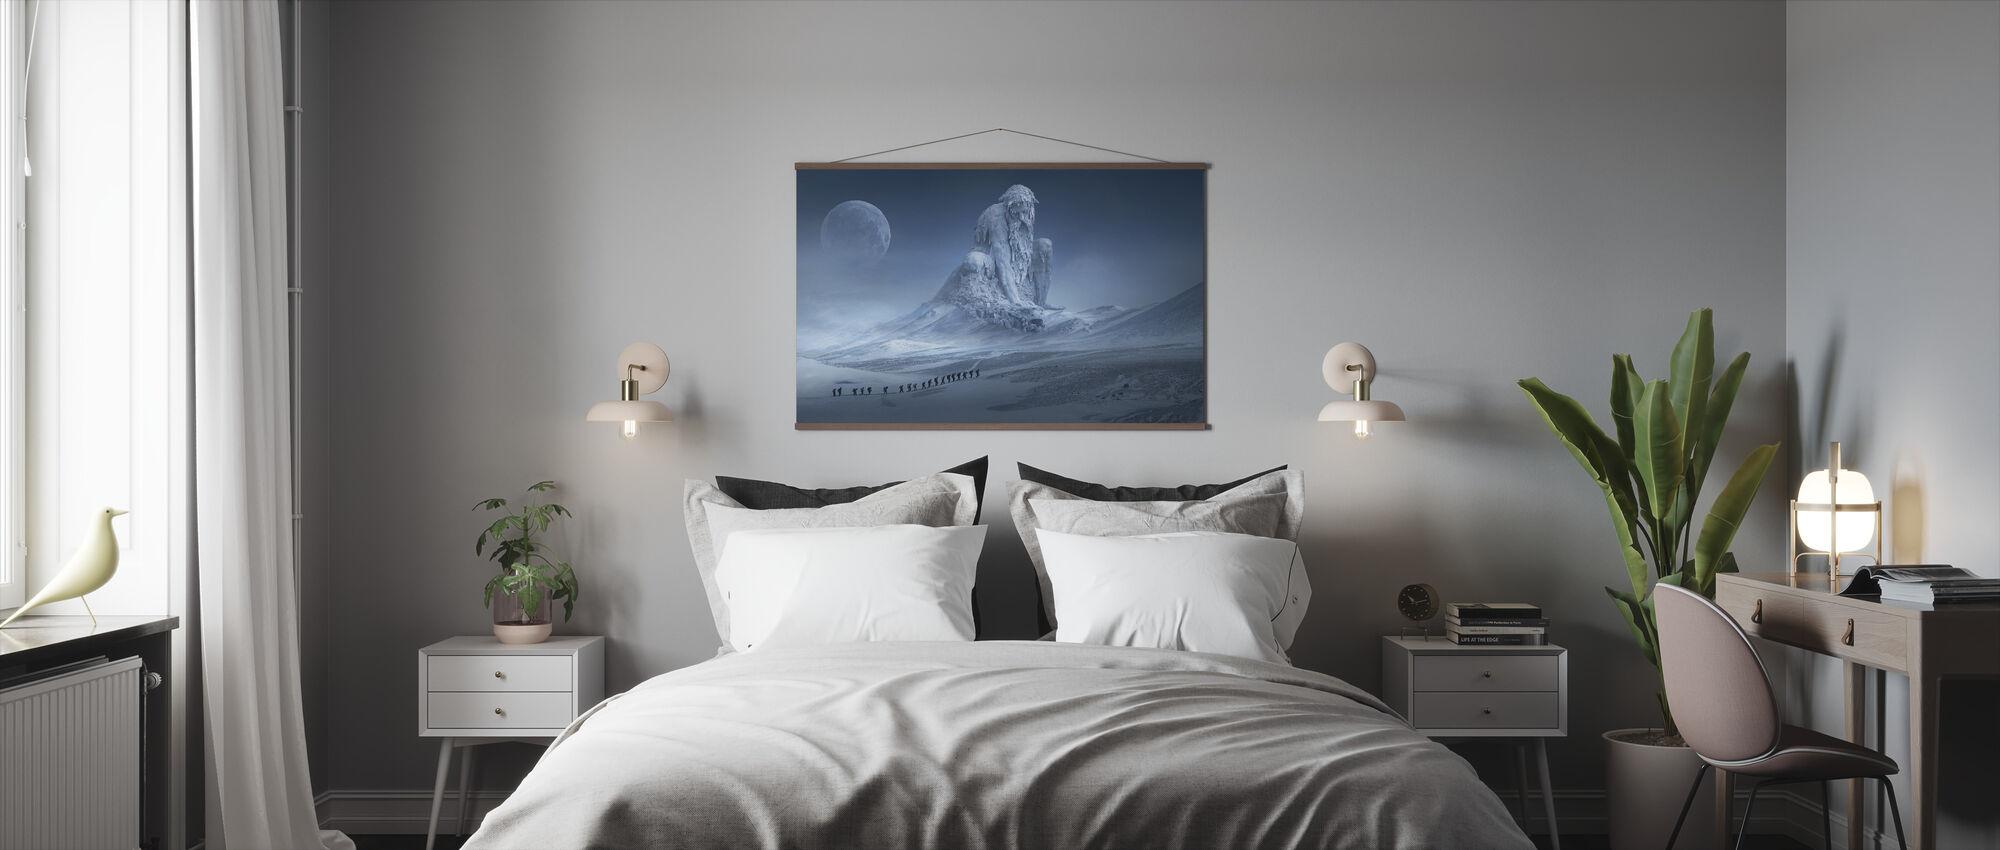 Fantasie Sneeuwlandschap - Poster - Slaapkamer